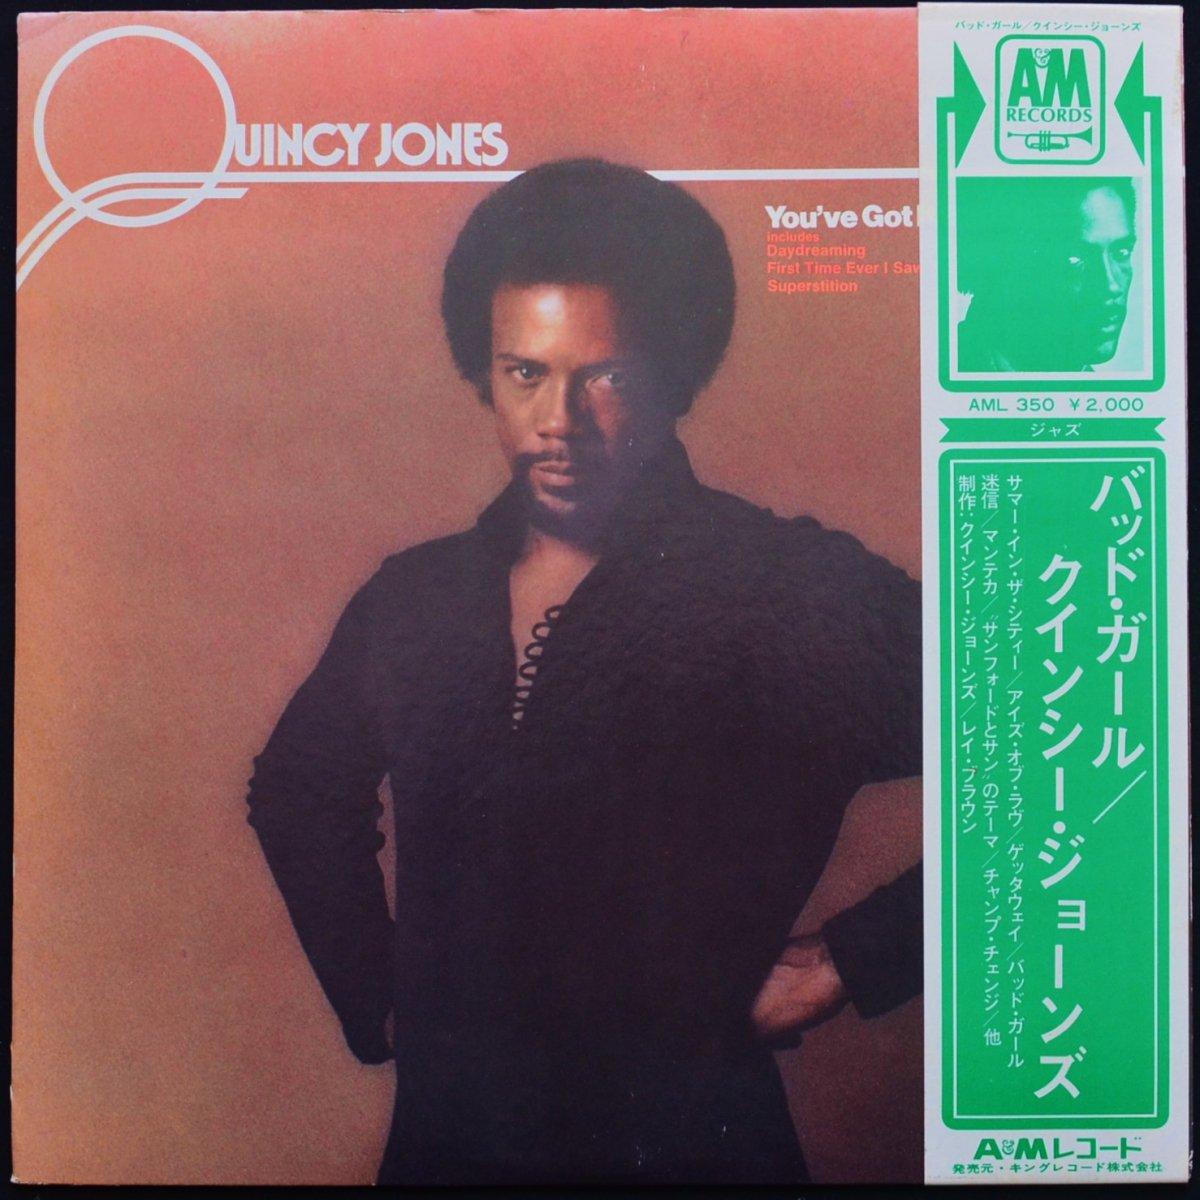 クインシー・ジョーンズ QUINCY JONES / バッド・ガール YOU'VE GOT IT BAD GIRL (LP)